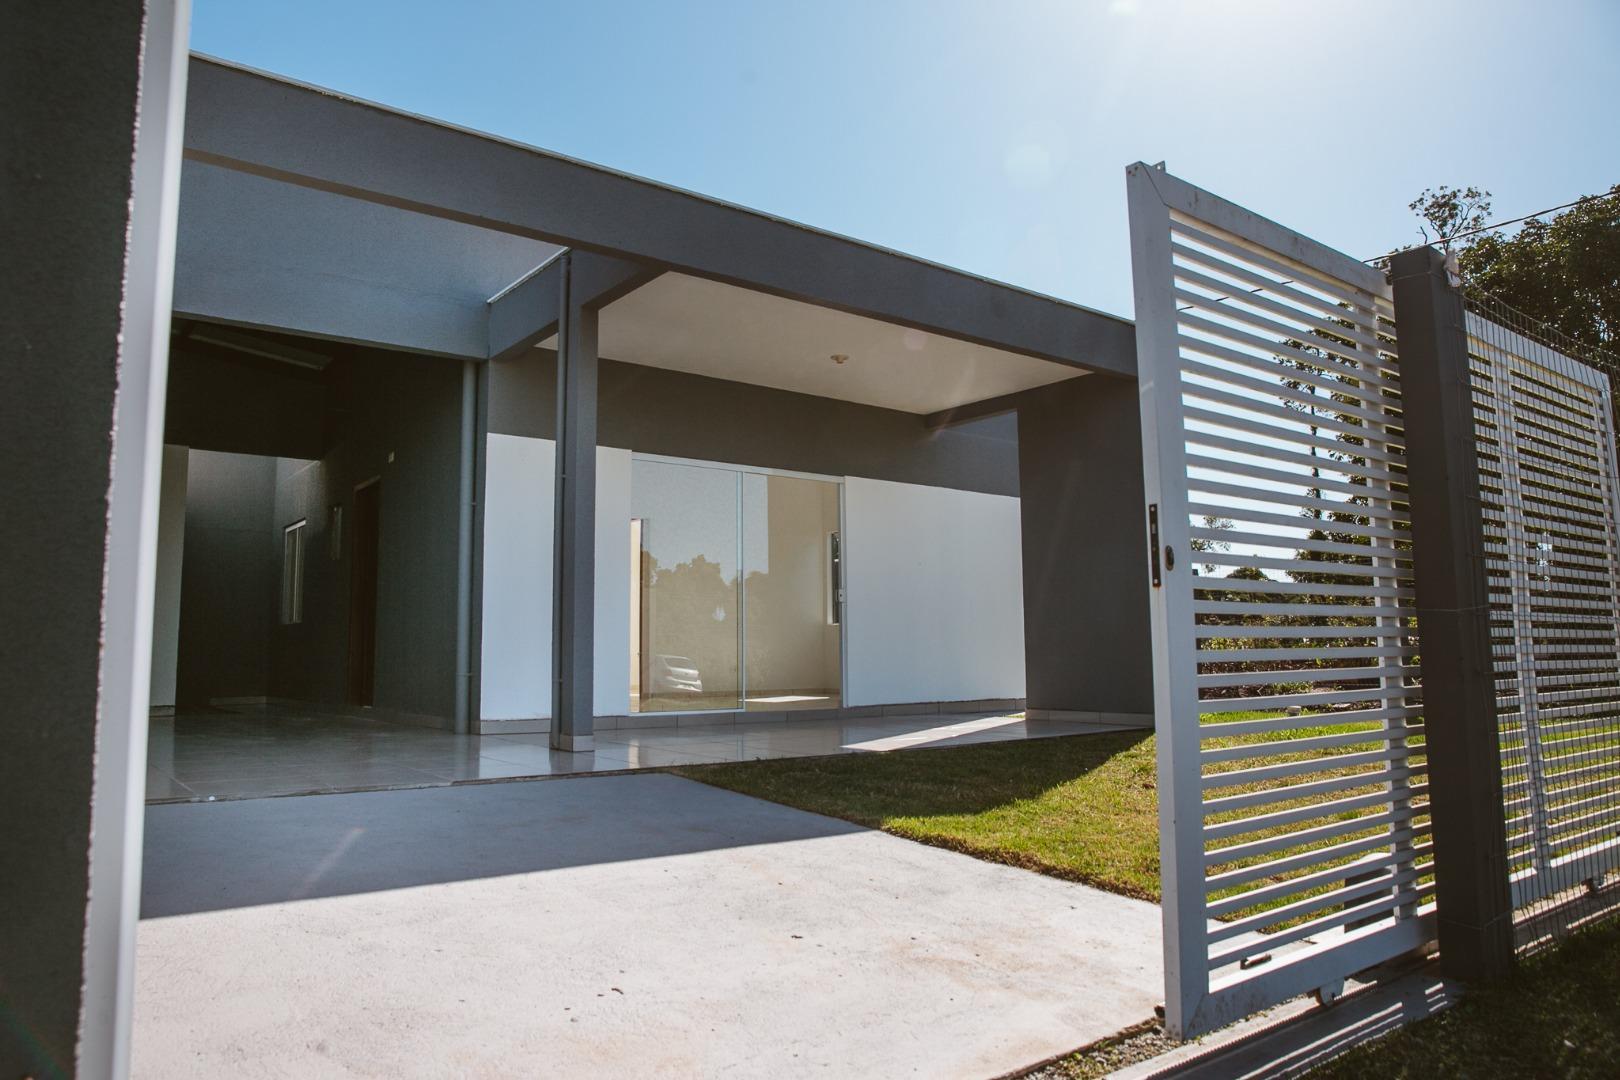 Casa com 2 dormitórios à venda, 70 m² por R$ 170.000,00 - Farol do Itapoá II - Itapoá/SC